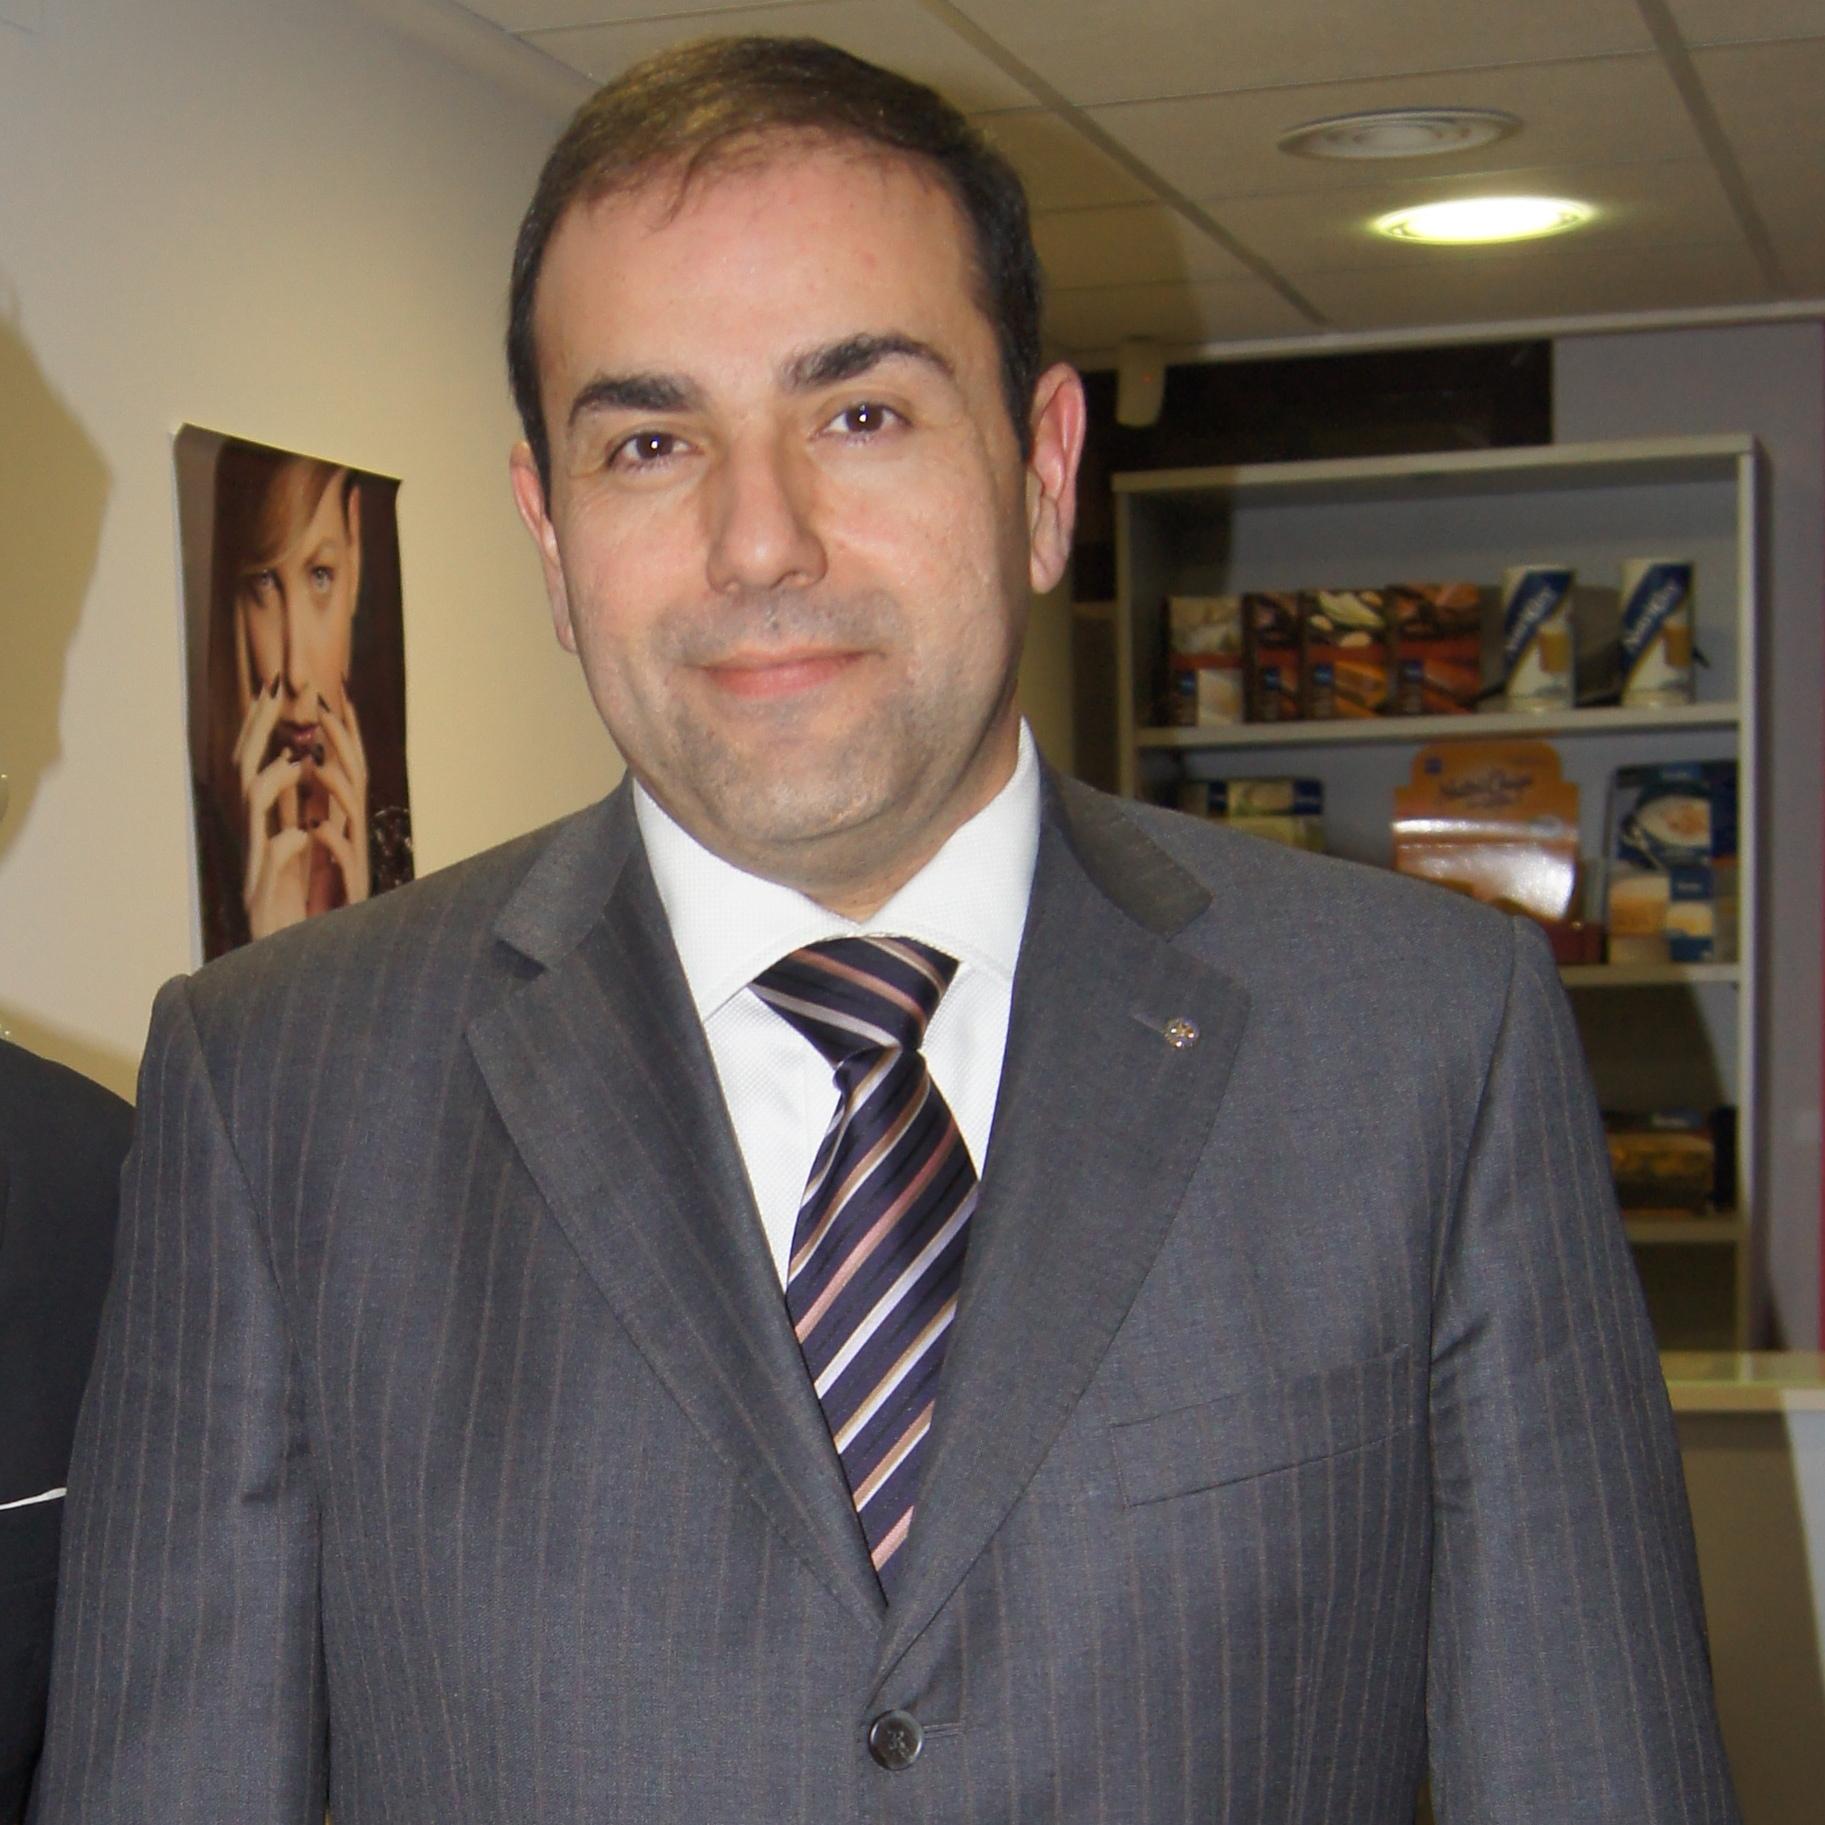 JUAN CARLOS GARCIA LOPEZ